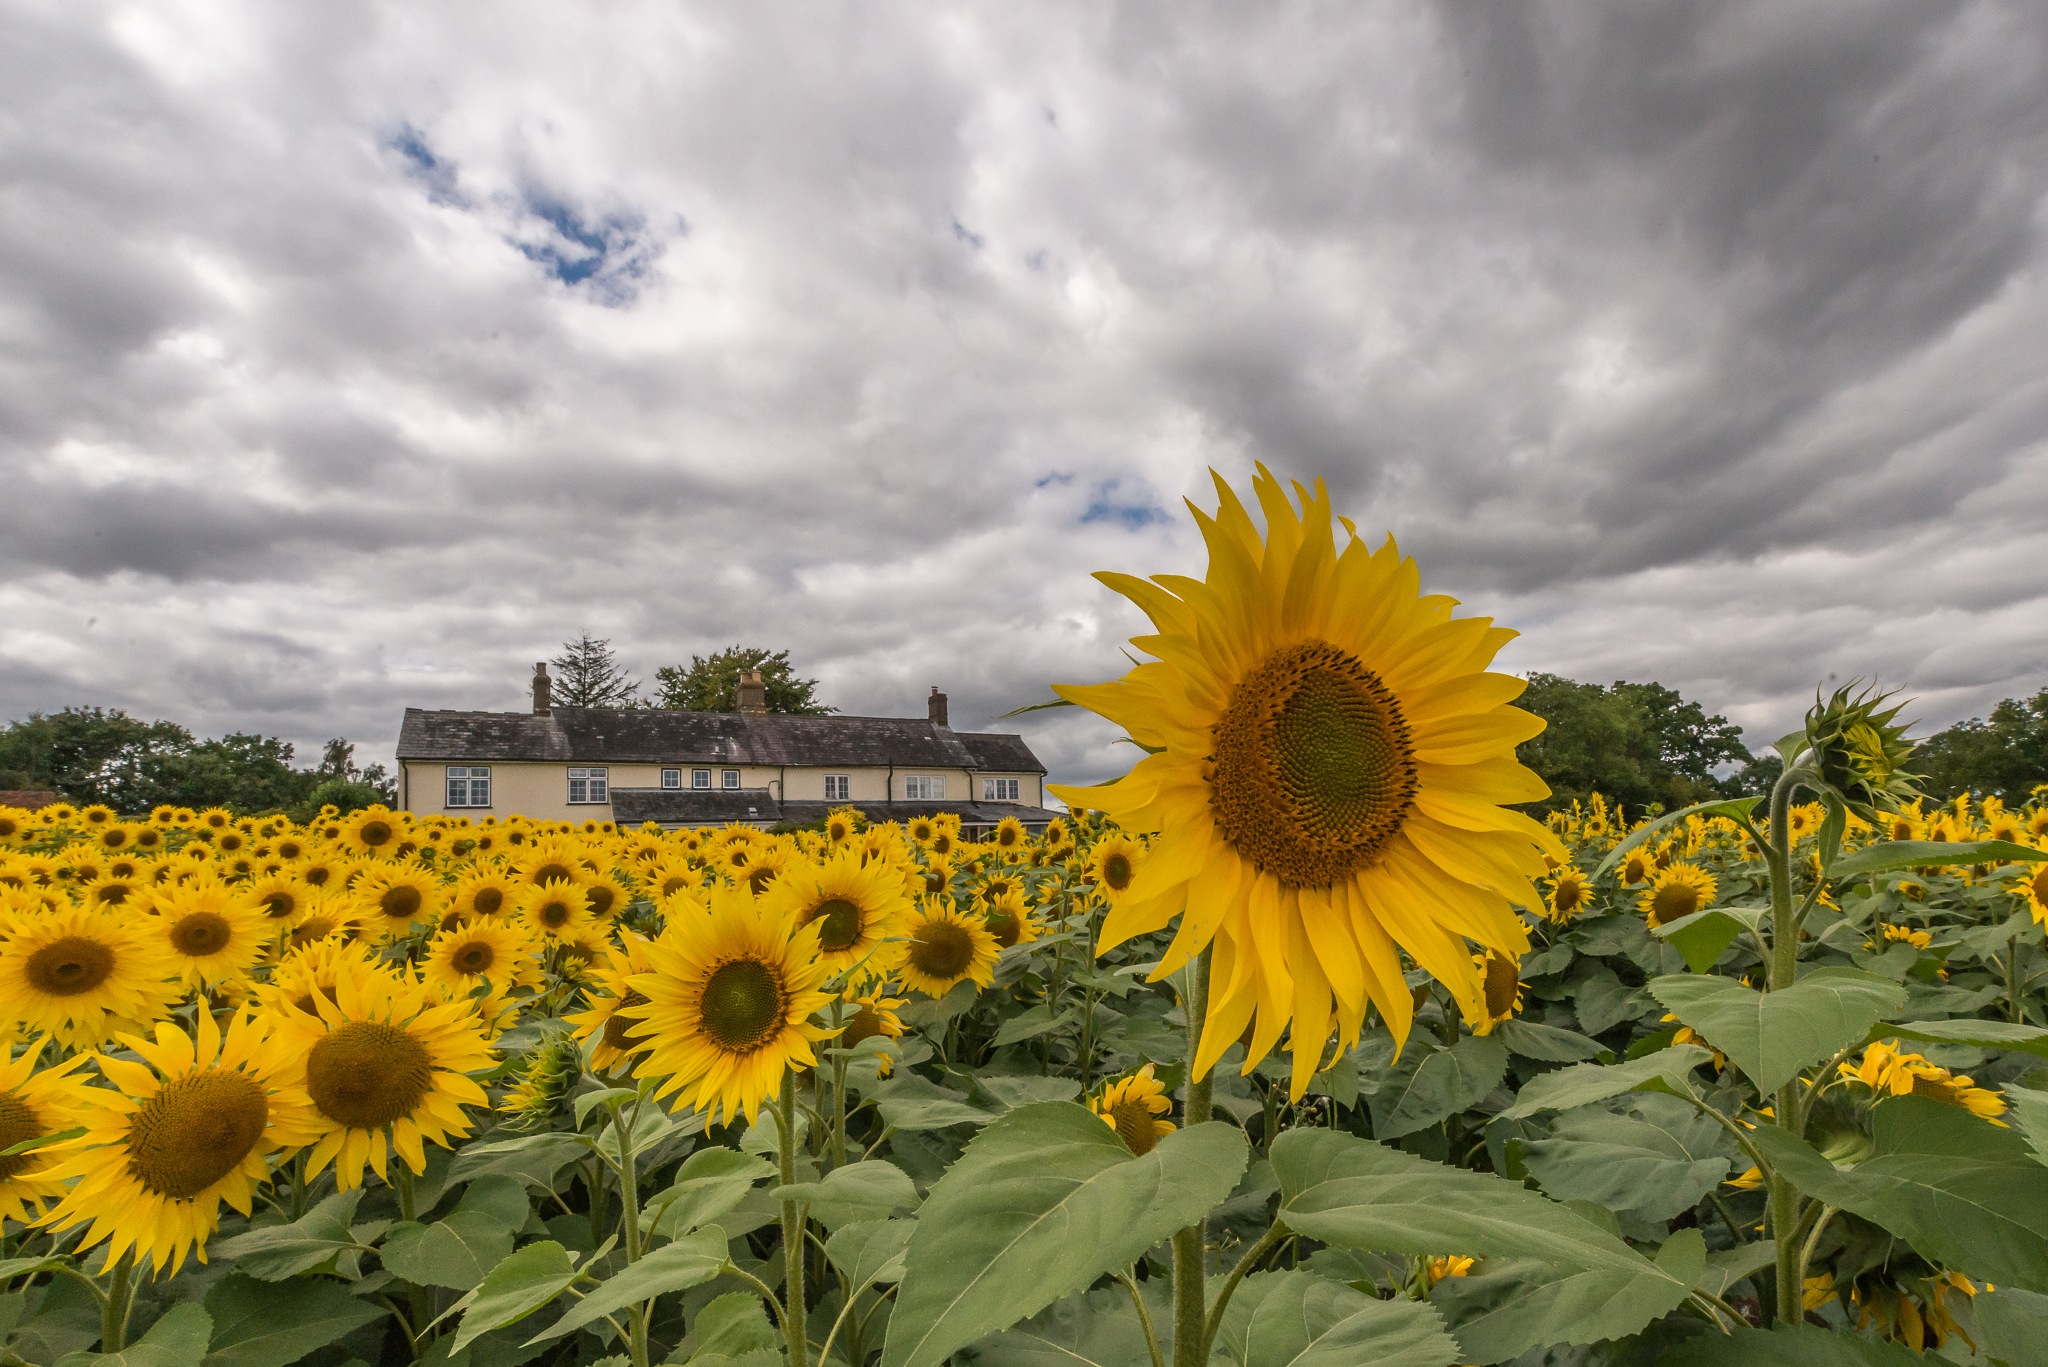 Sunflowers by Eddie Starck